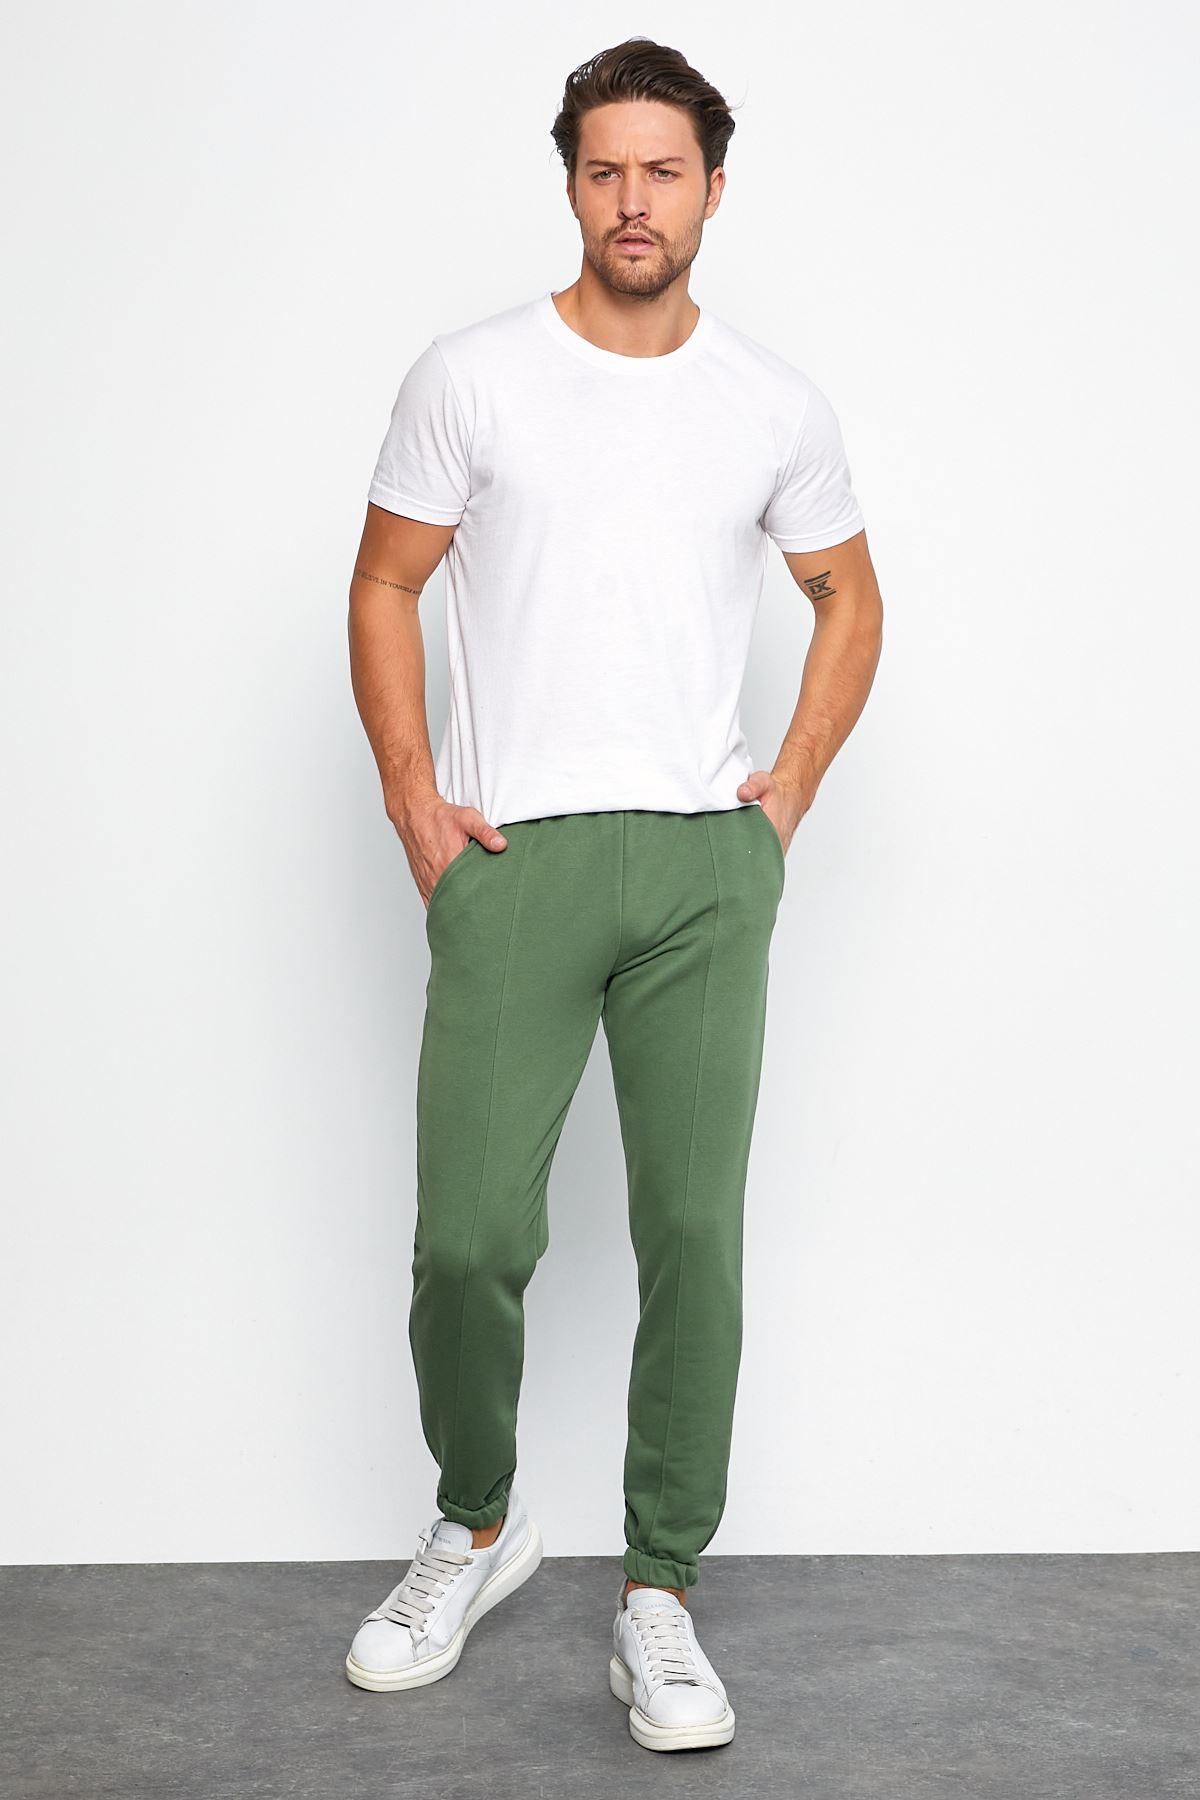 Erkek Şardonsuz 3 İplik Jogger Penye Çımalı Yeşil Eşofman